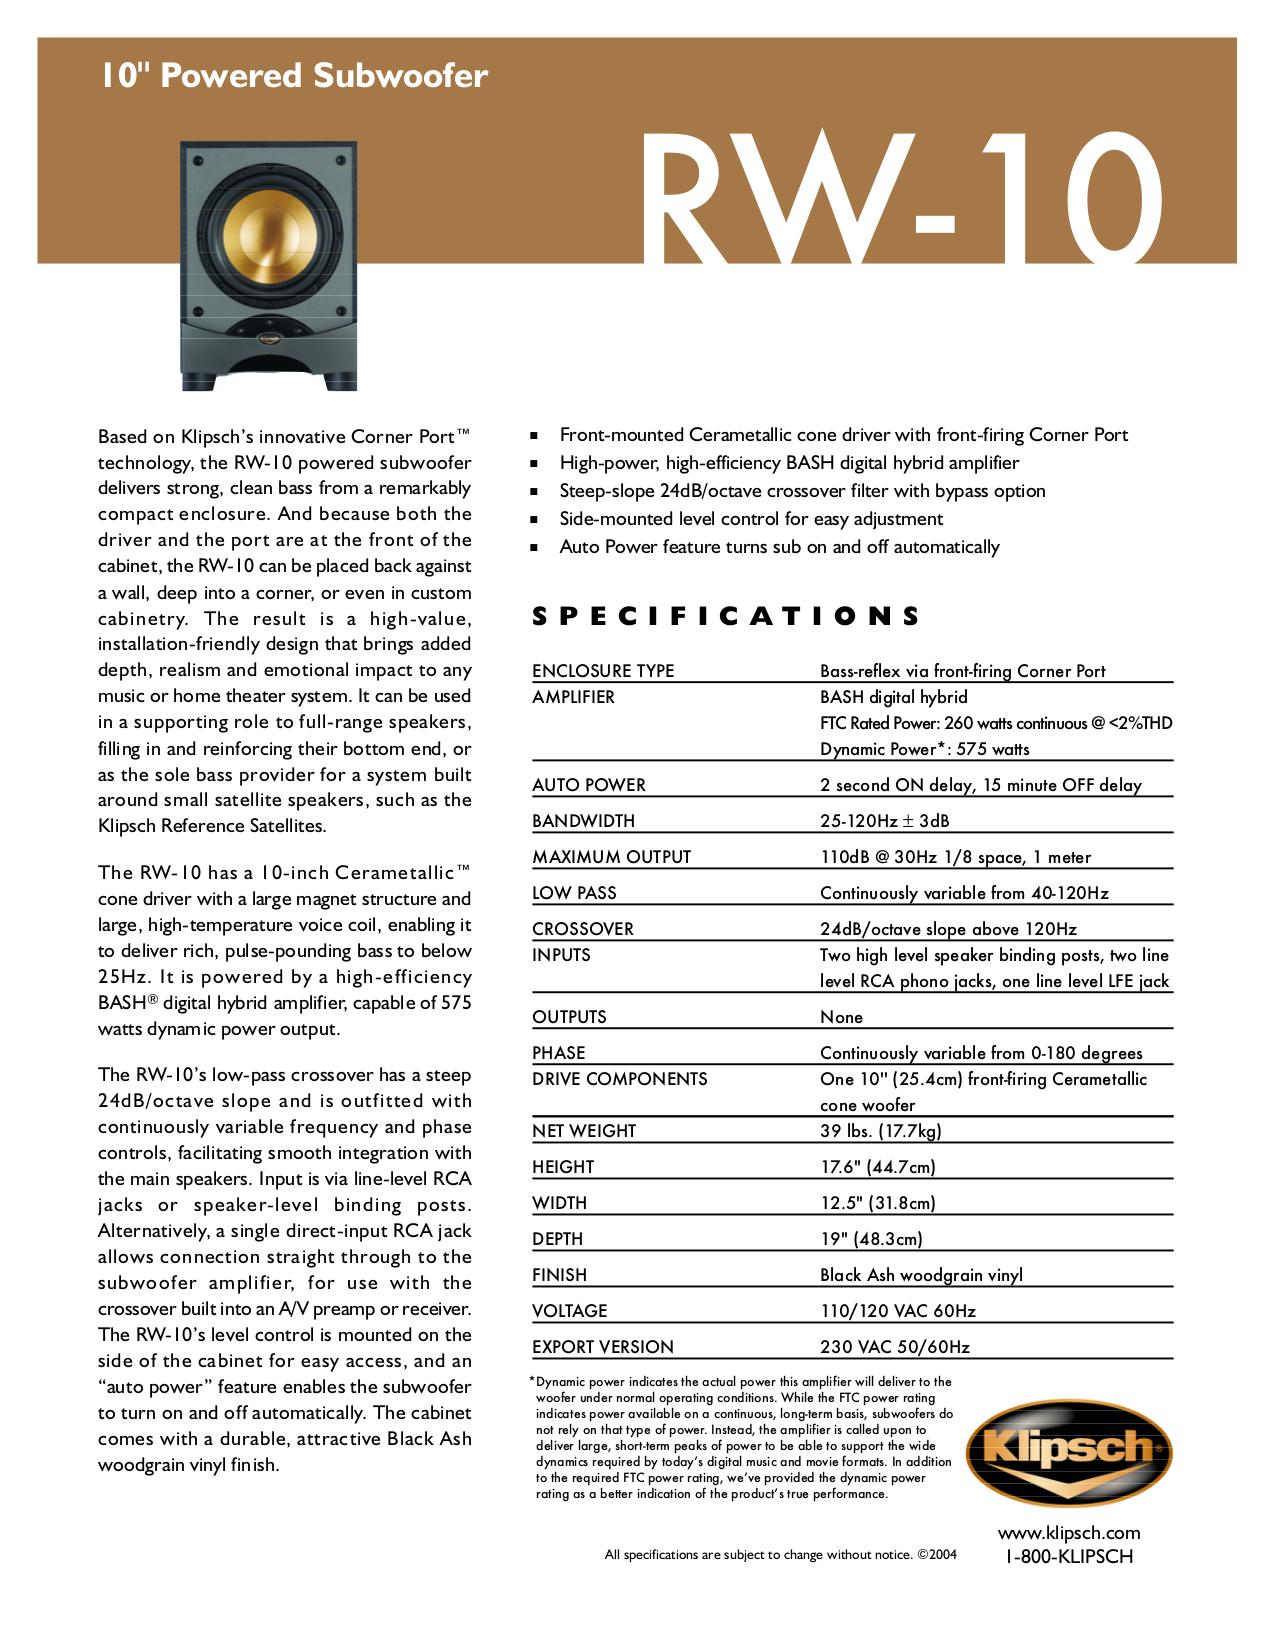 Download free pdf for klipsch rsw-10 subwoofer manual.